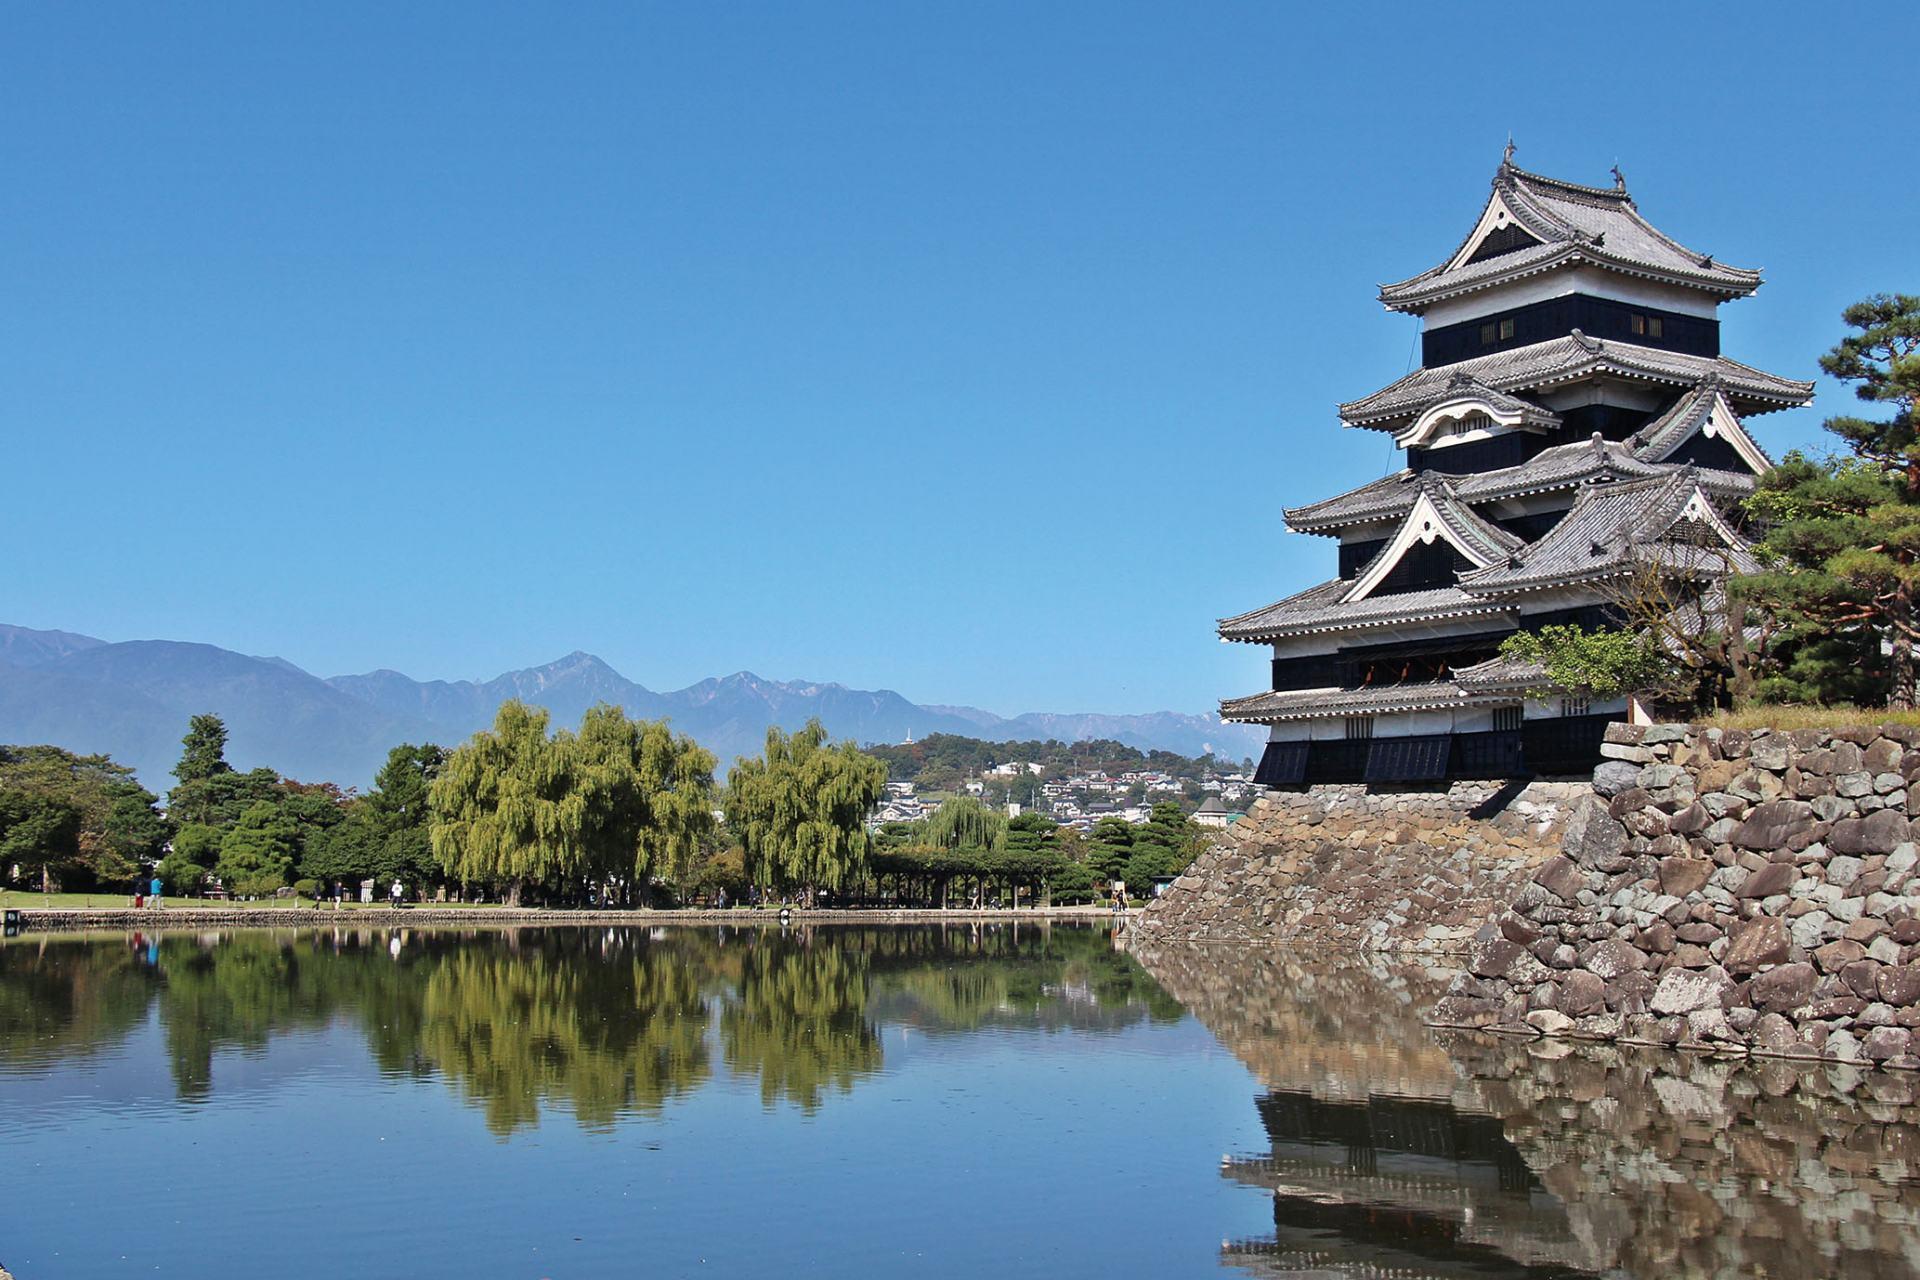 松本的代表景點「國寶松本城」